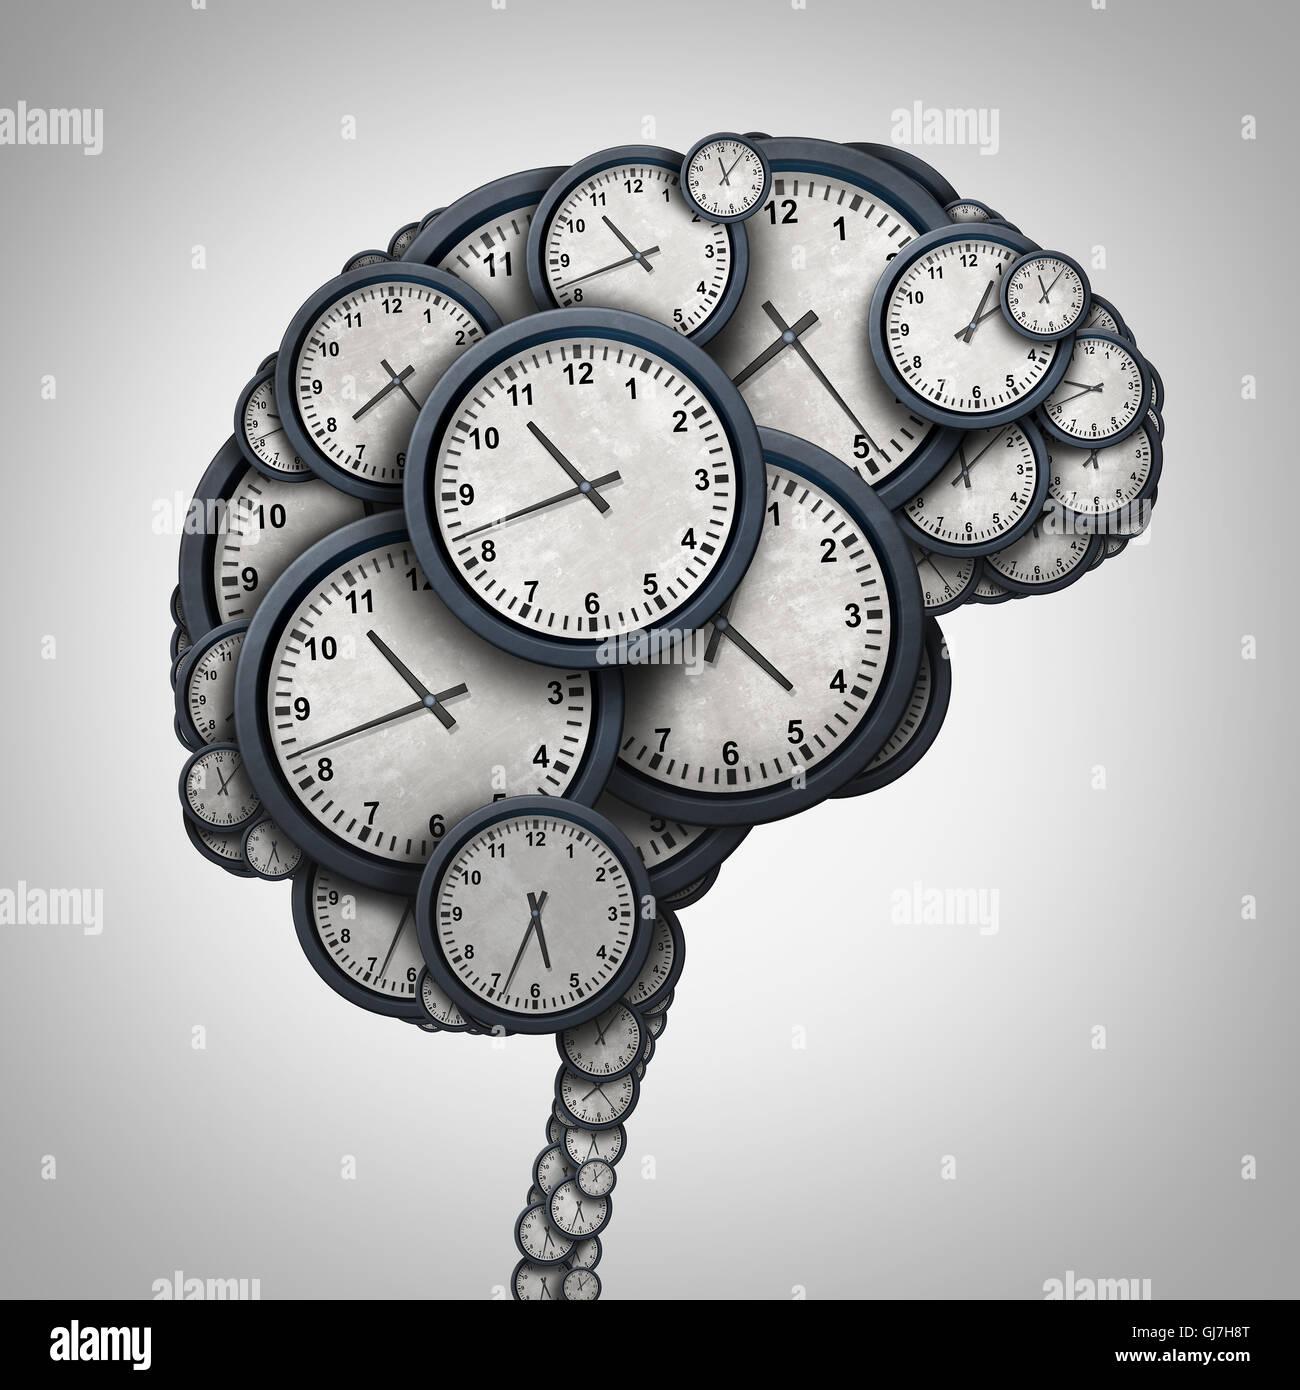 Temps de pensée par cerveau global concept comme un groupe d'objets de l'horloge en forme de l'esprit Photo Stock